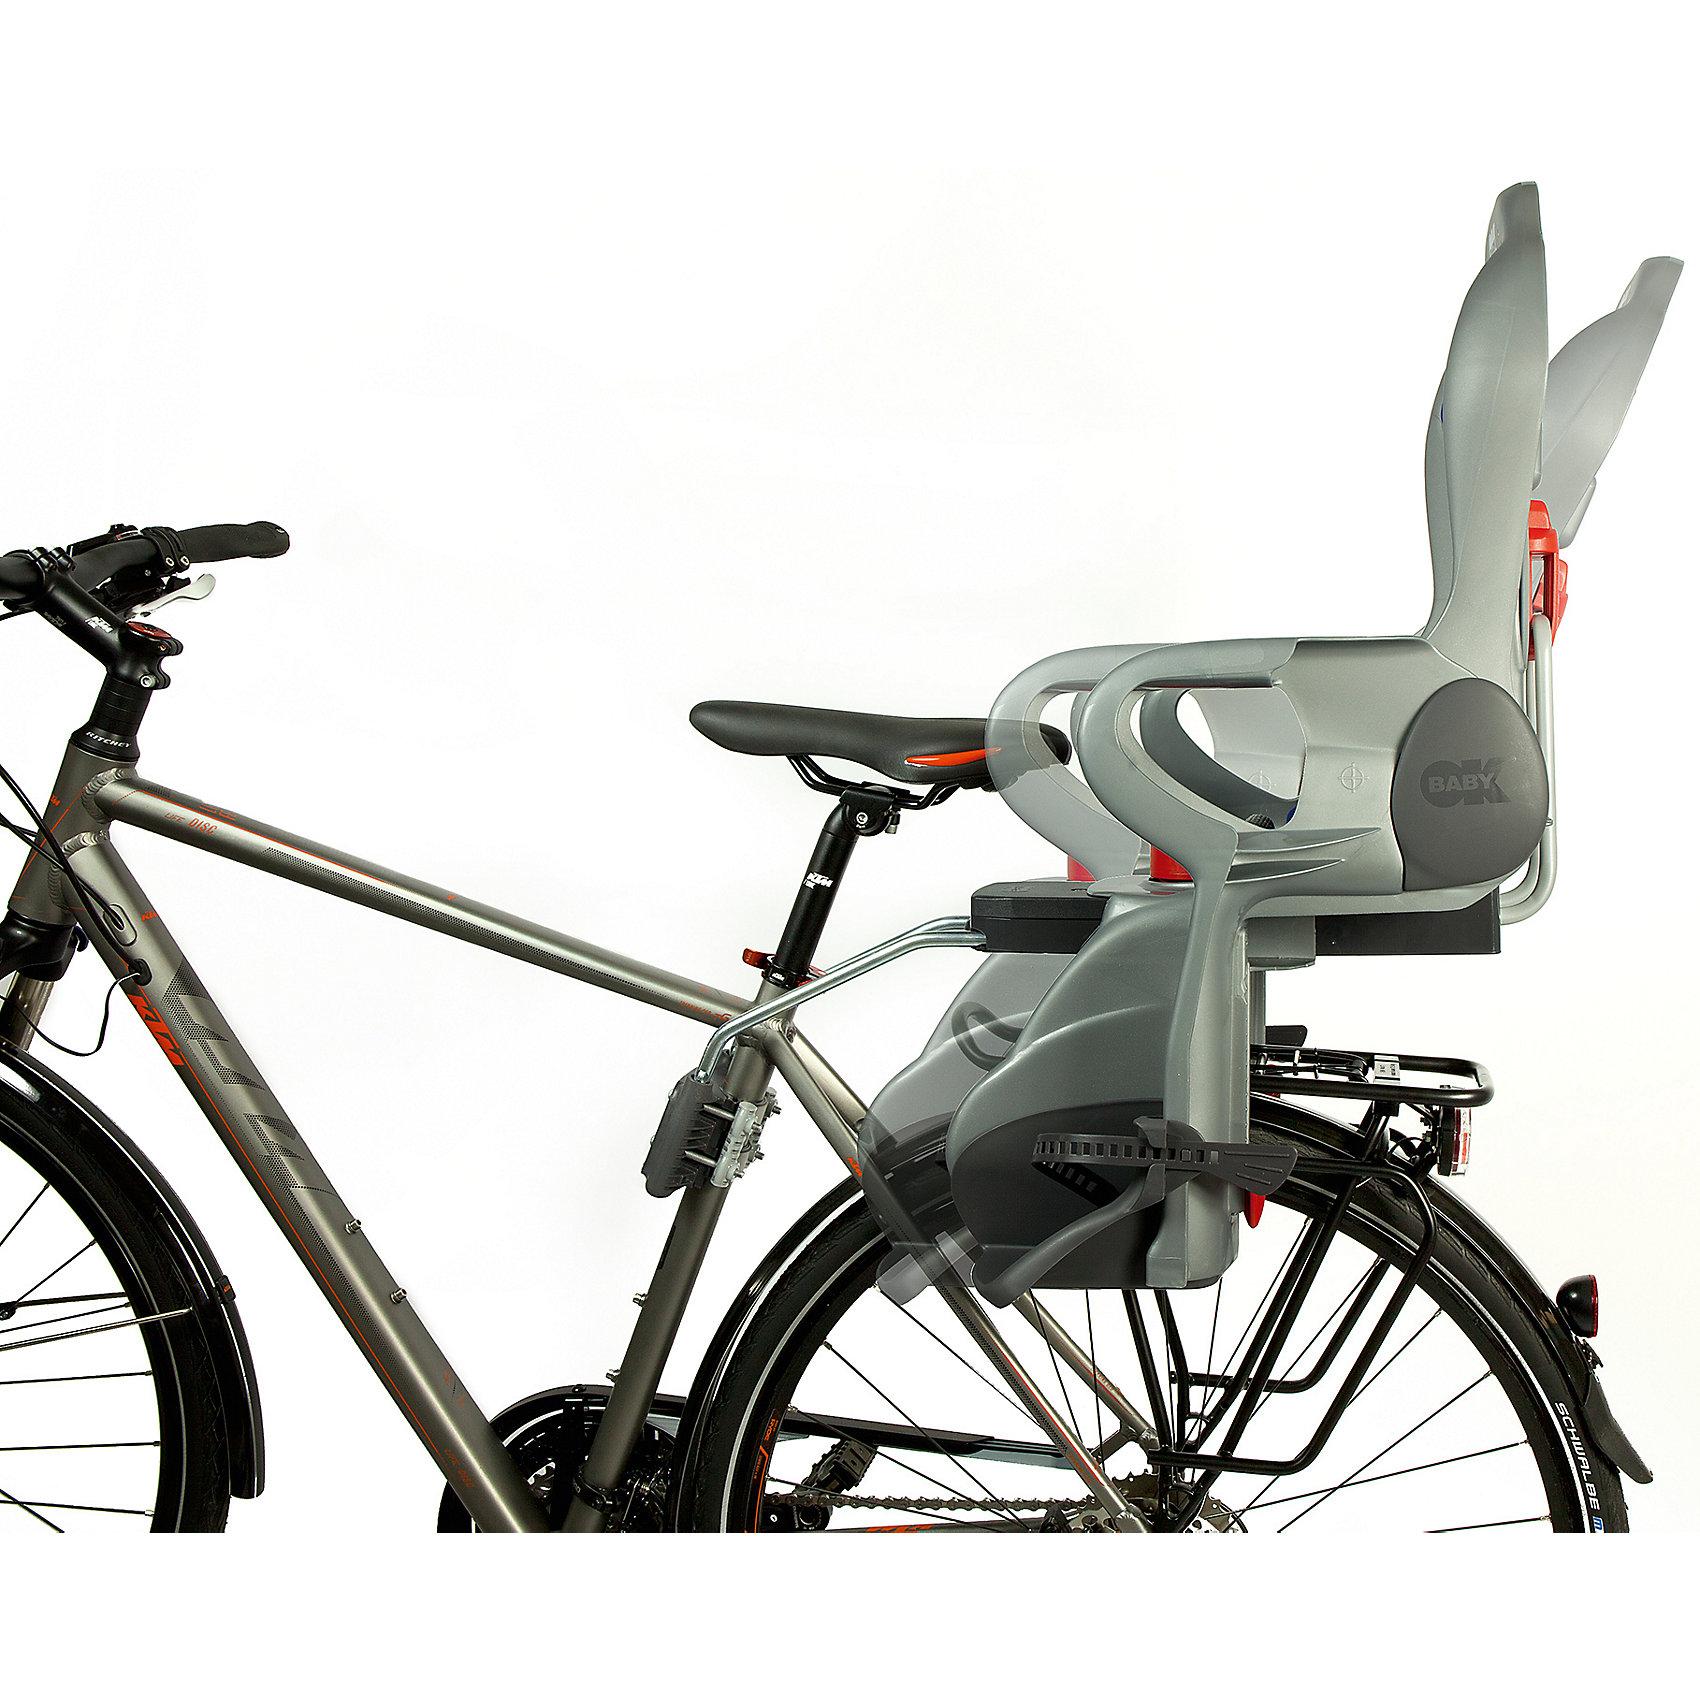 OK Baby Fahrrad-Sicherheitssitz silbergrau/blau Sirius inkl. Befestigungssystem, silbergrau/blau Fahrrad-Sicherheitssitz d1a14c